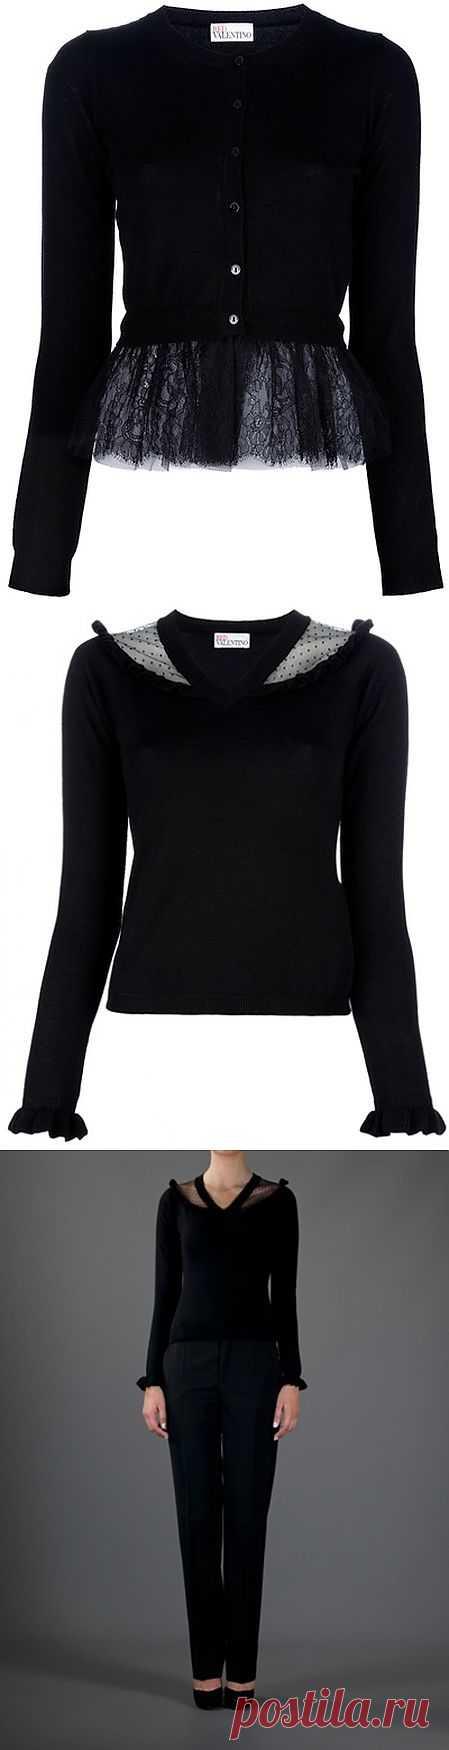 2 вида свитеров с кружевными вставками / Свитер / Модный сайт о стильной переделке одежды и интерьера